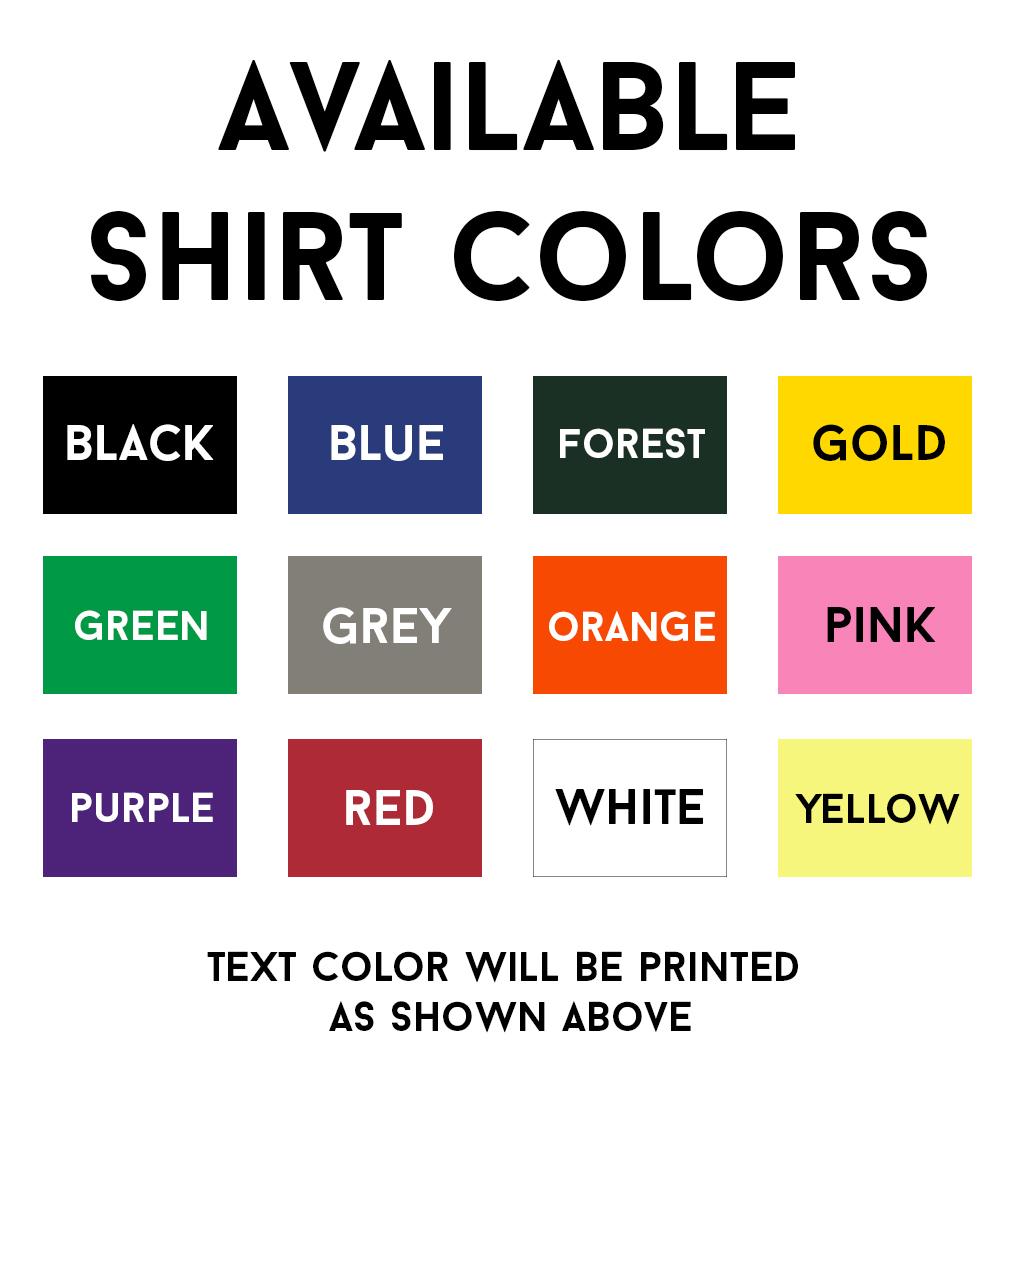 #nunez - Hashtag Men's Adult Short Sleeve T-Shirt